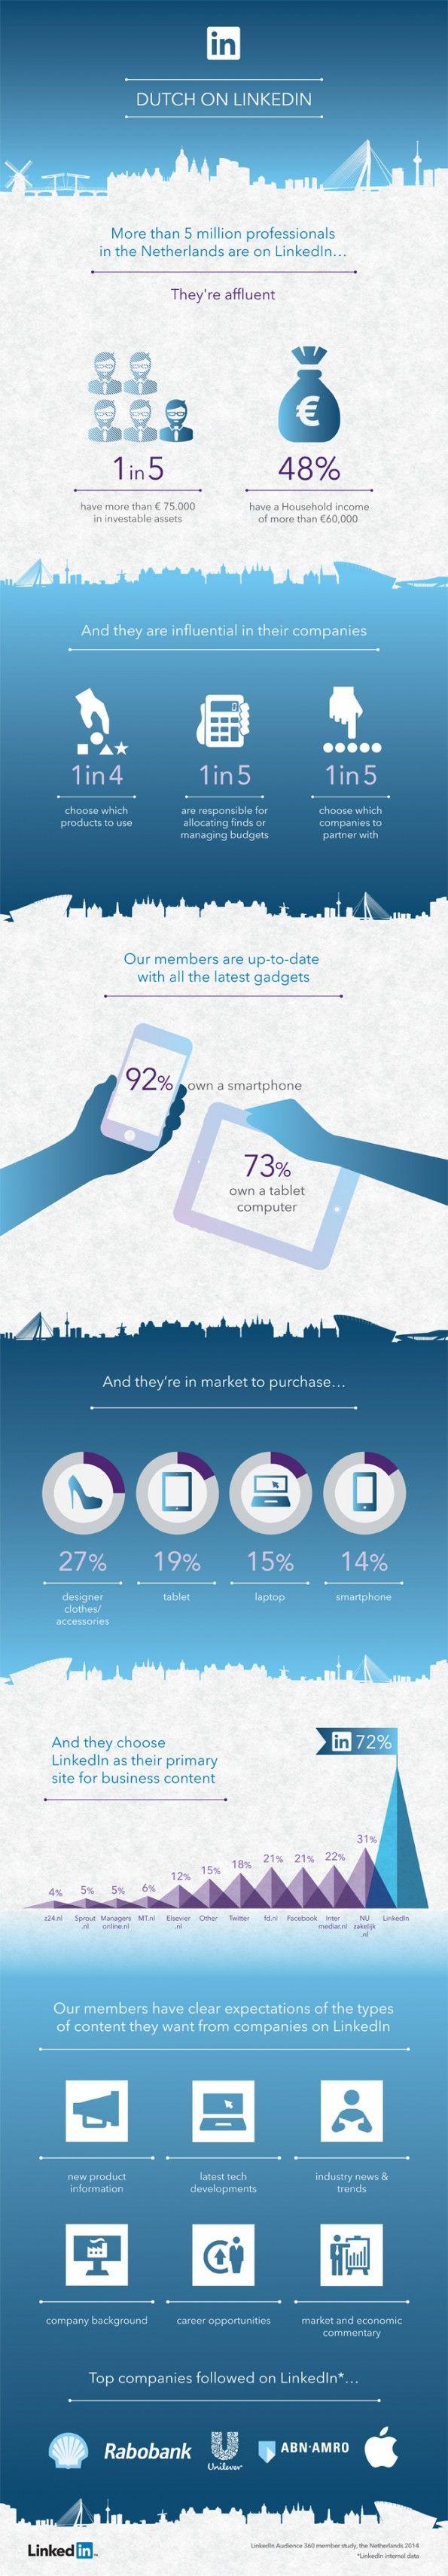 LinkedIn-infographic-nederlandse-gebruikers